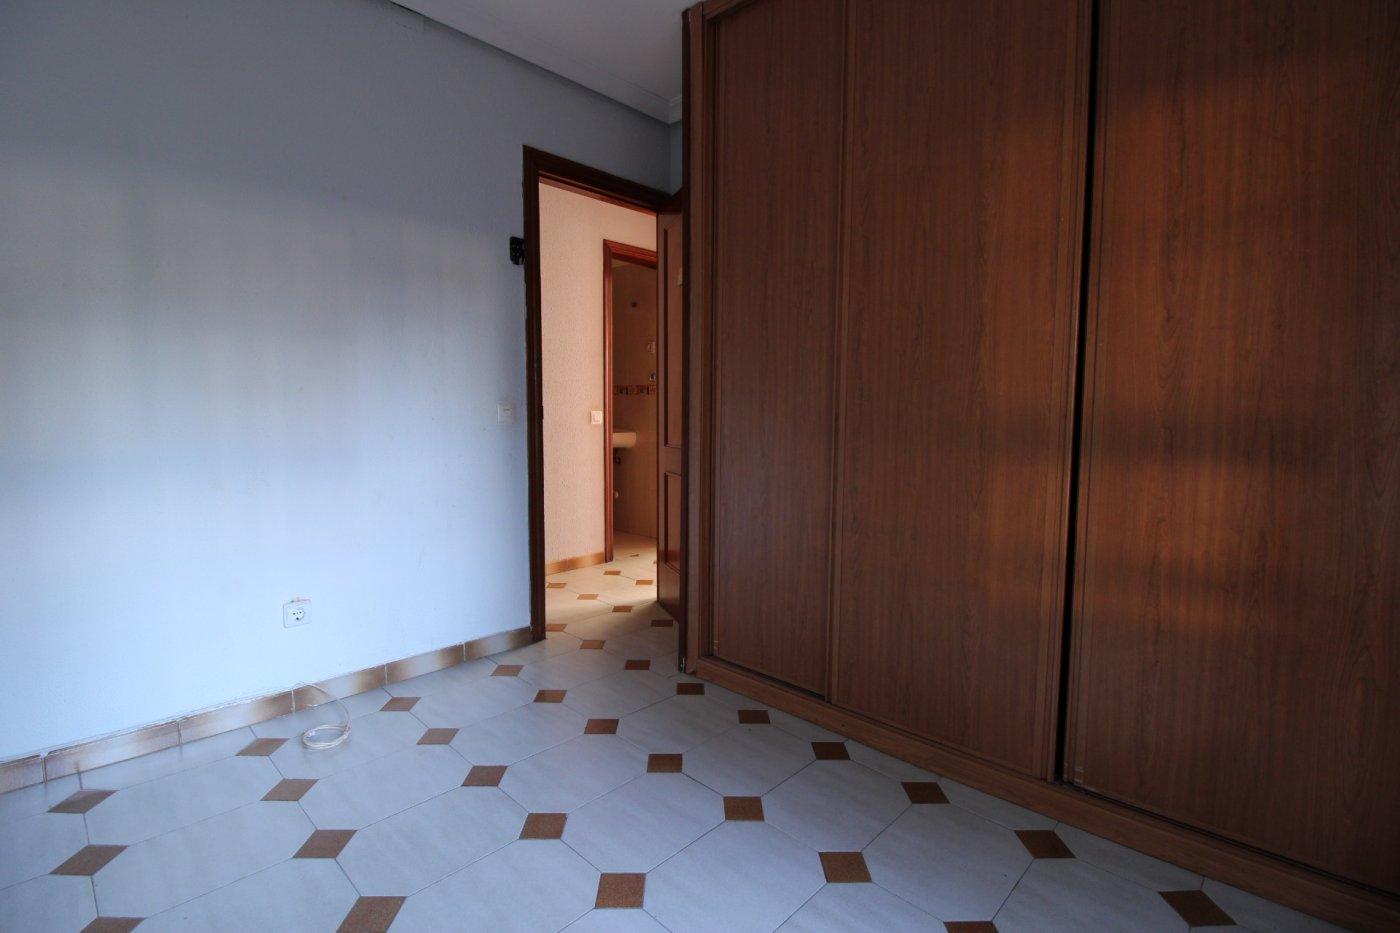 Piso a la venta en sevilla zona carretera carmona - imagenInmueble12